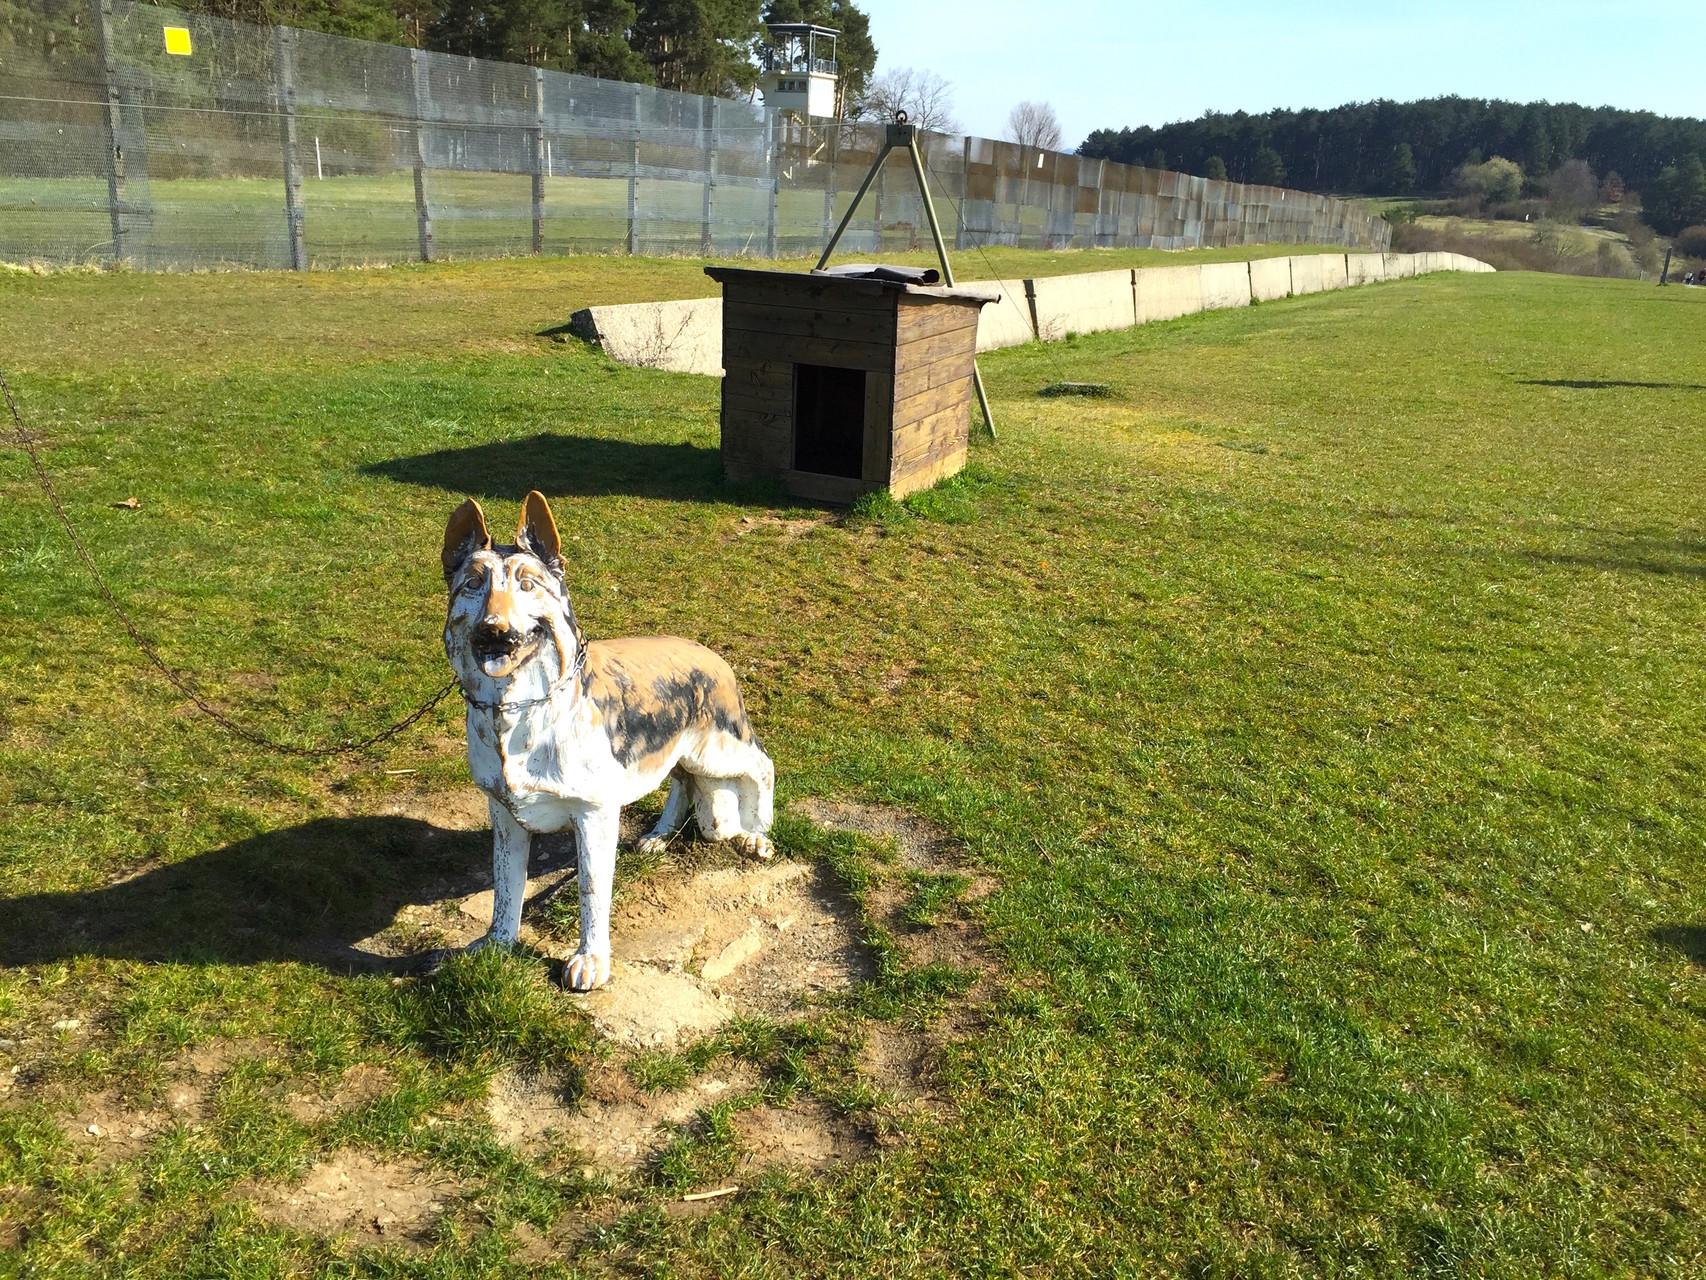 Mit Hunden war die Grenze damals gesichert. // Foto: Gömmer